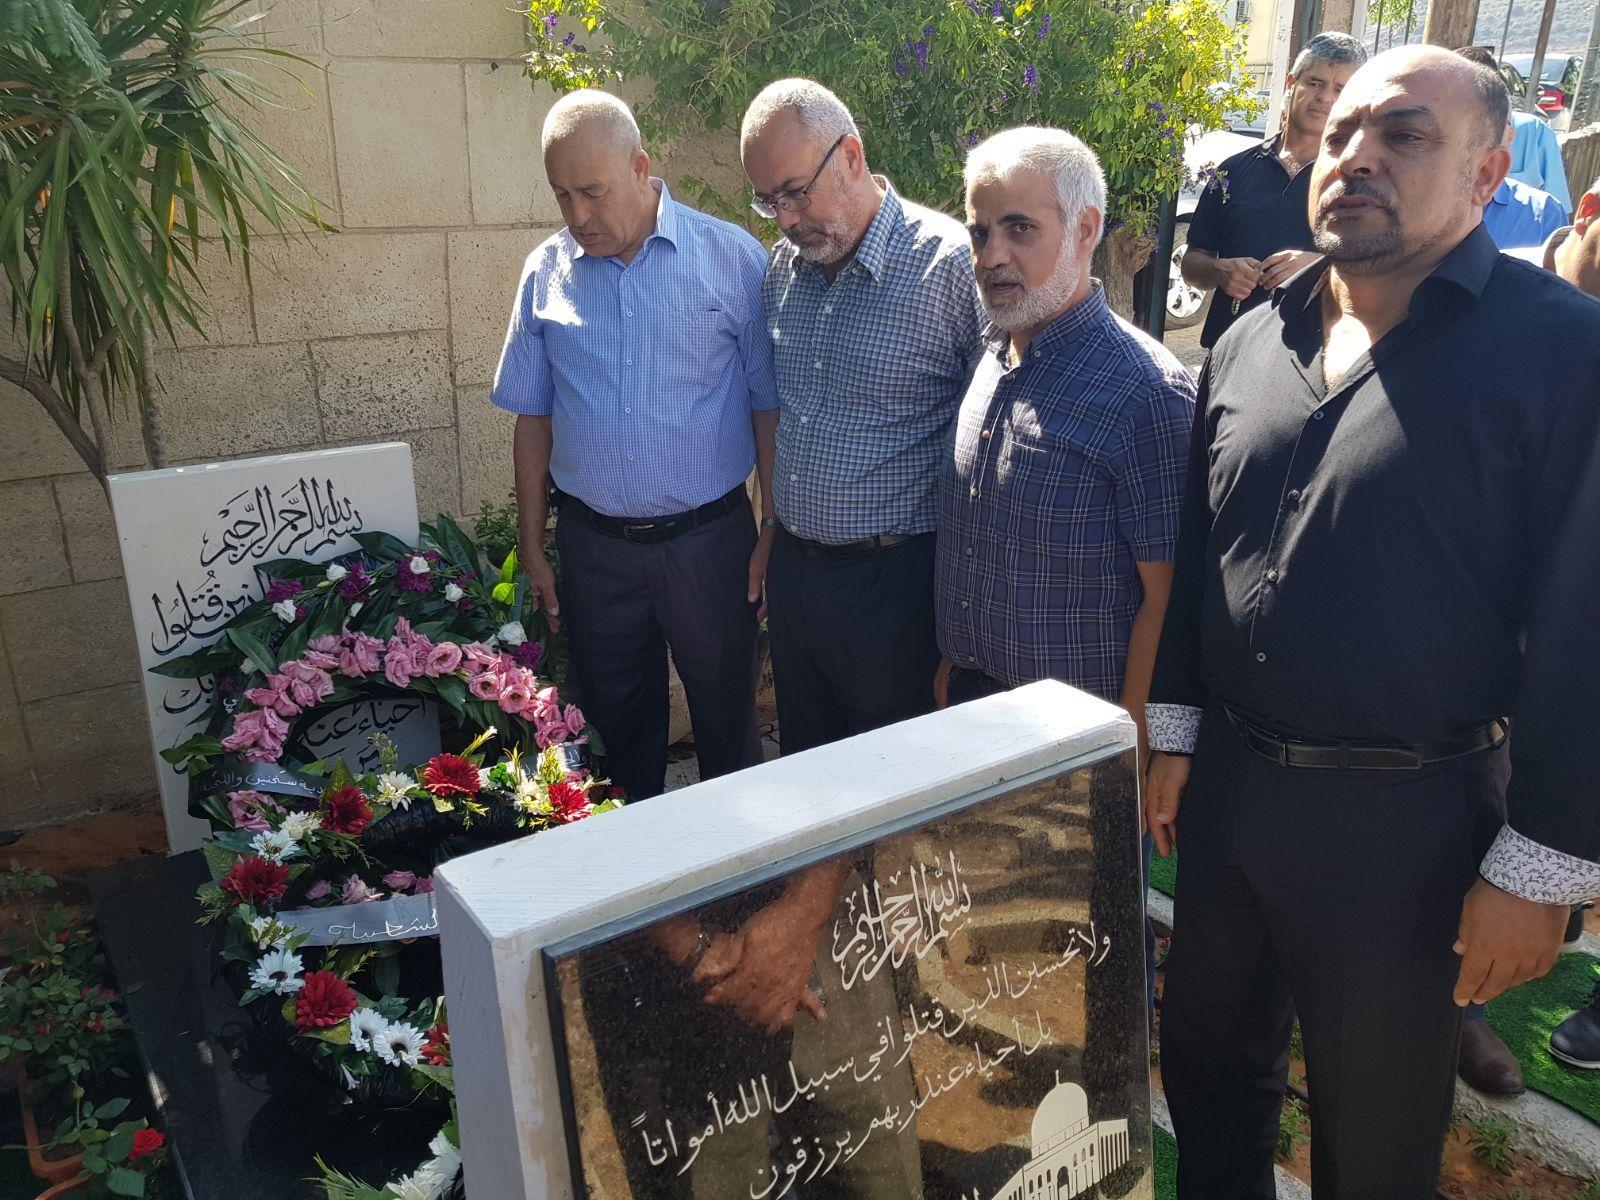 ذكرى هبة القدس والأقصى: زيارات العوائل وزهور على أضرحة الشهداء